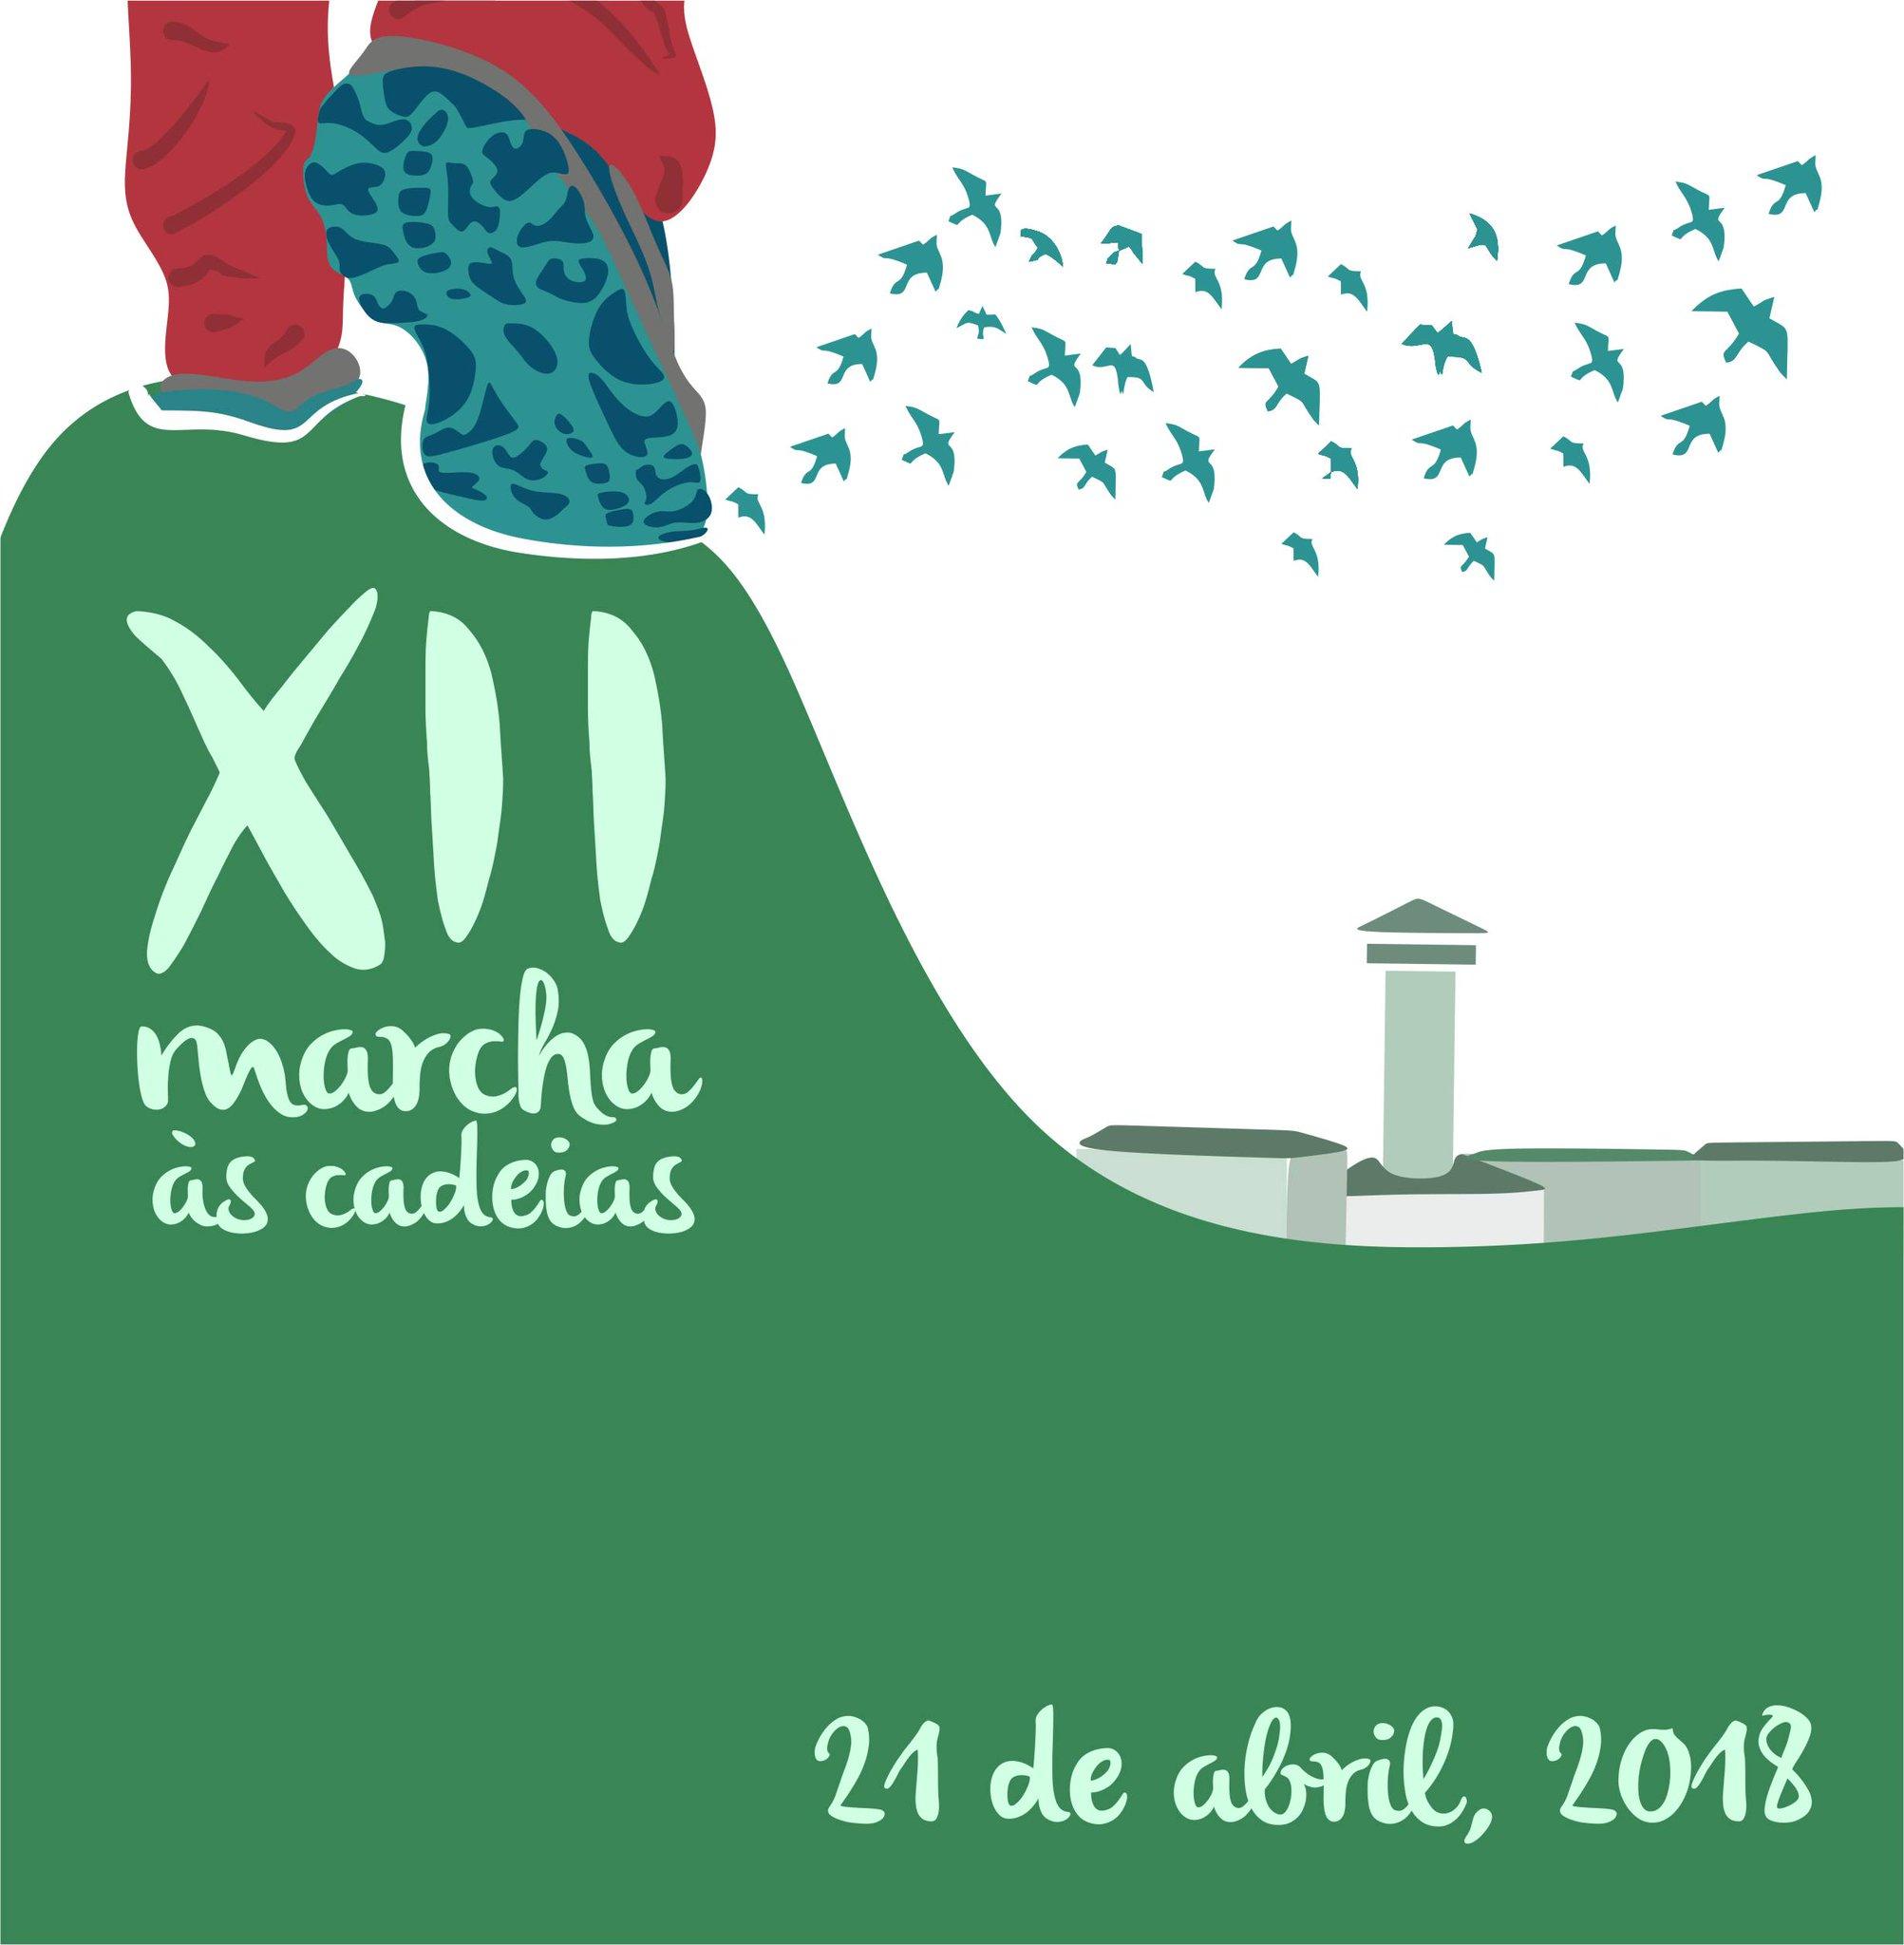 Este sábado 21 levaremos-lhe de novo a nossa solidariedade coa a XII Marcha  às Cadeias. O autocarro da coluna norte fai parada em Lugo na Ronda diantes  da ... 4e8ca8df19fd5